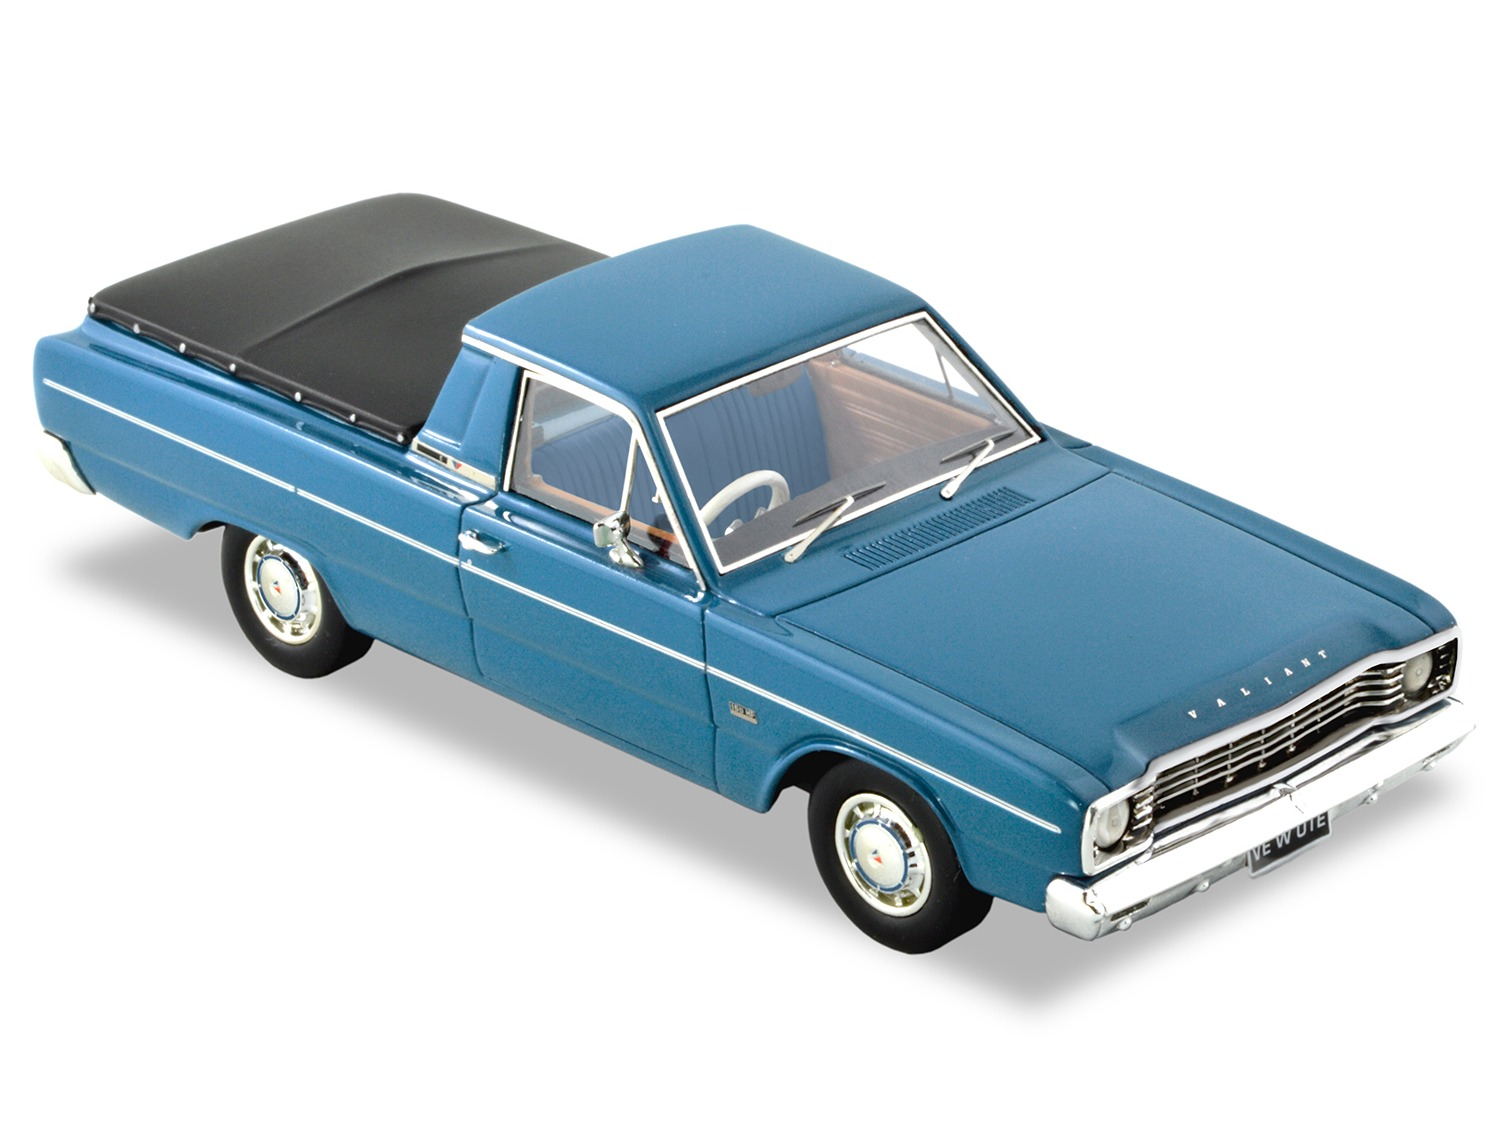 1968 VE Valiant Wayfarer Ute – Blue